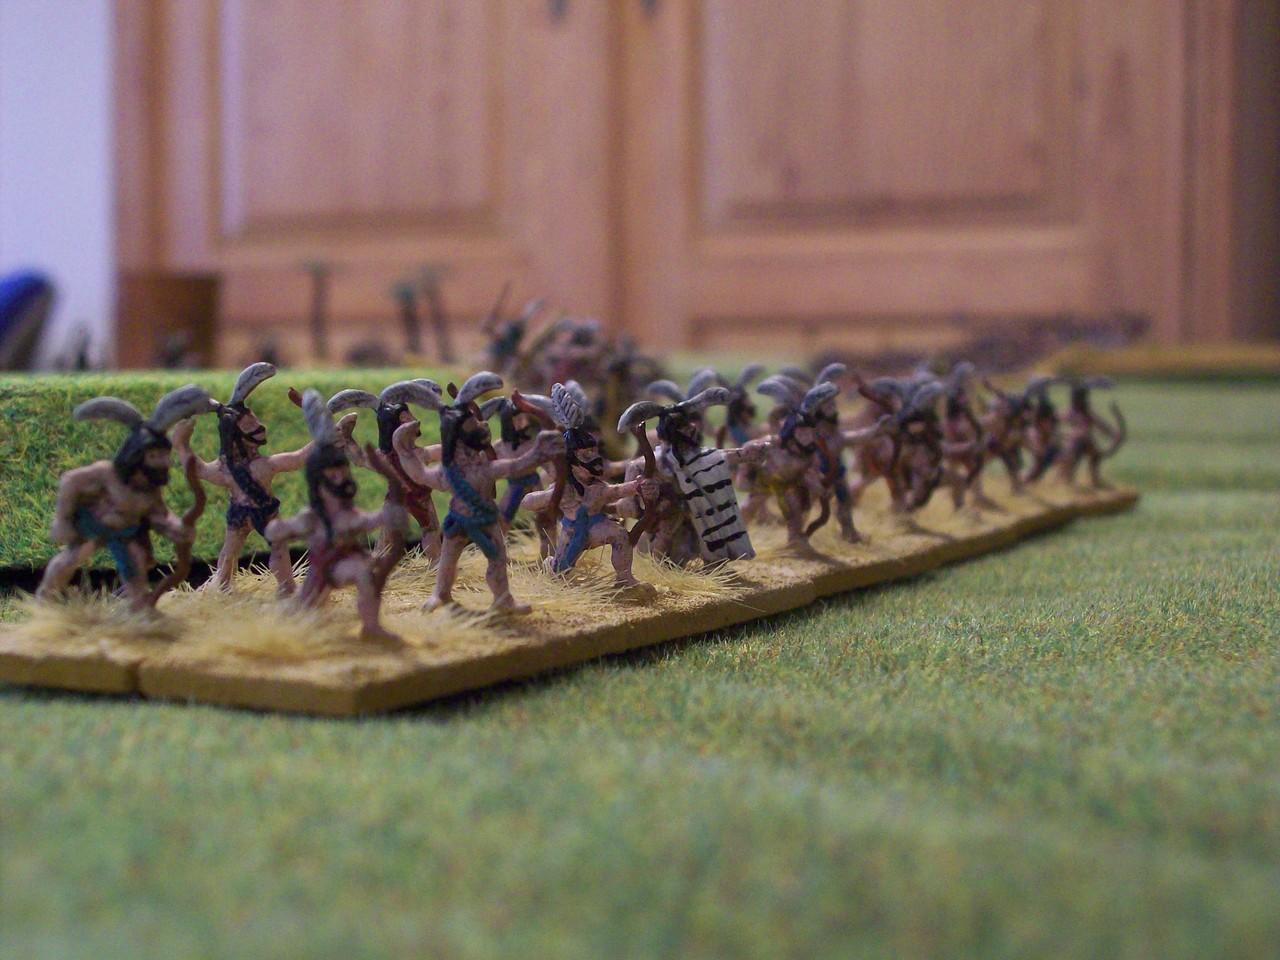 Biblische Armeen waren gut vertreten: Lybier, die als Verbündete der Seevölker  antraten